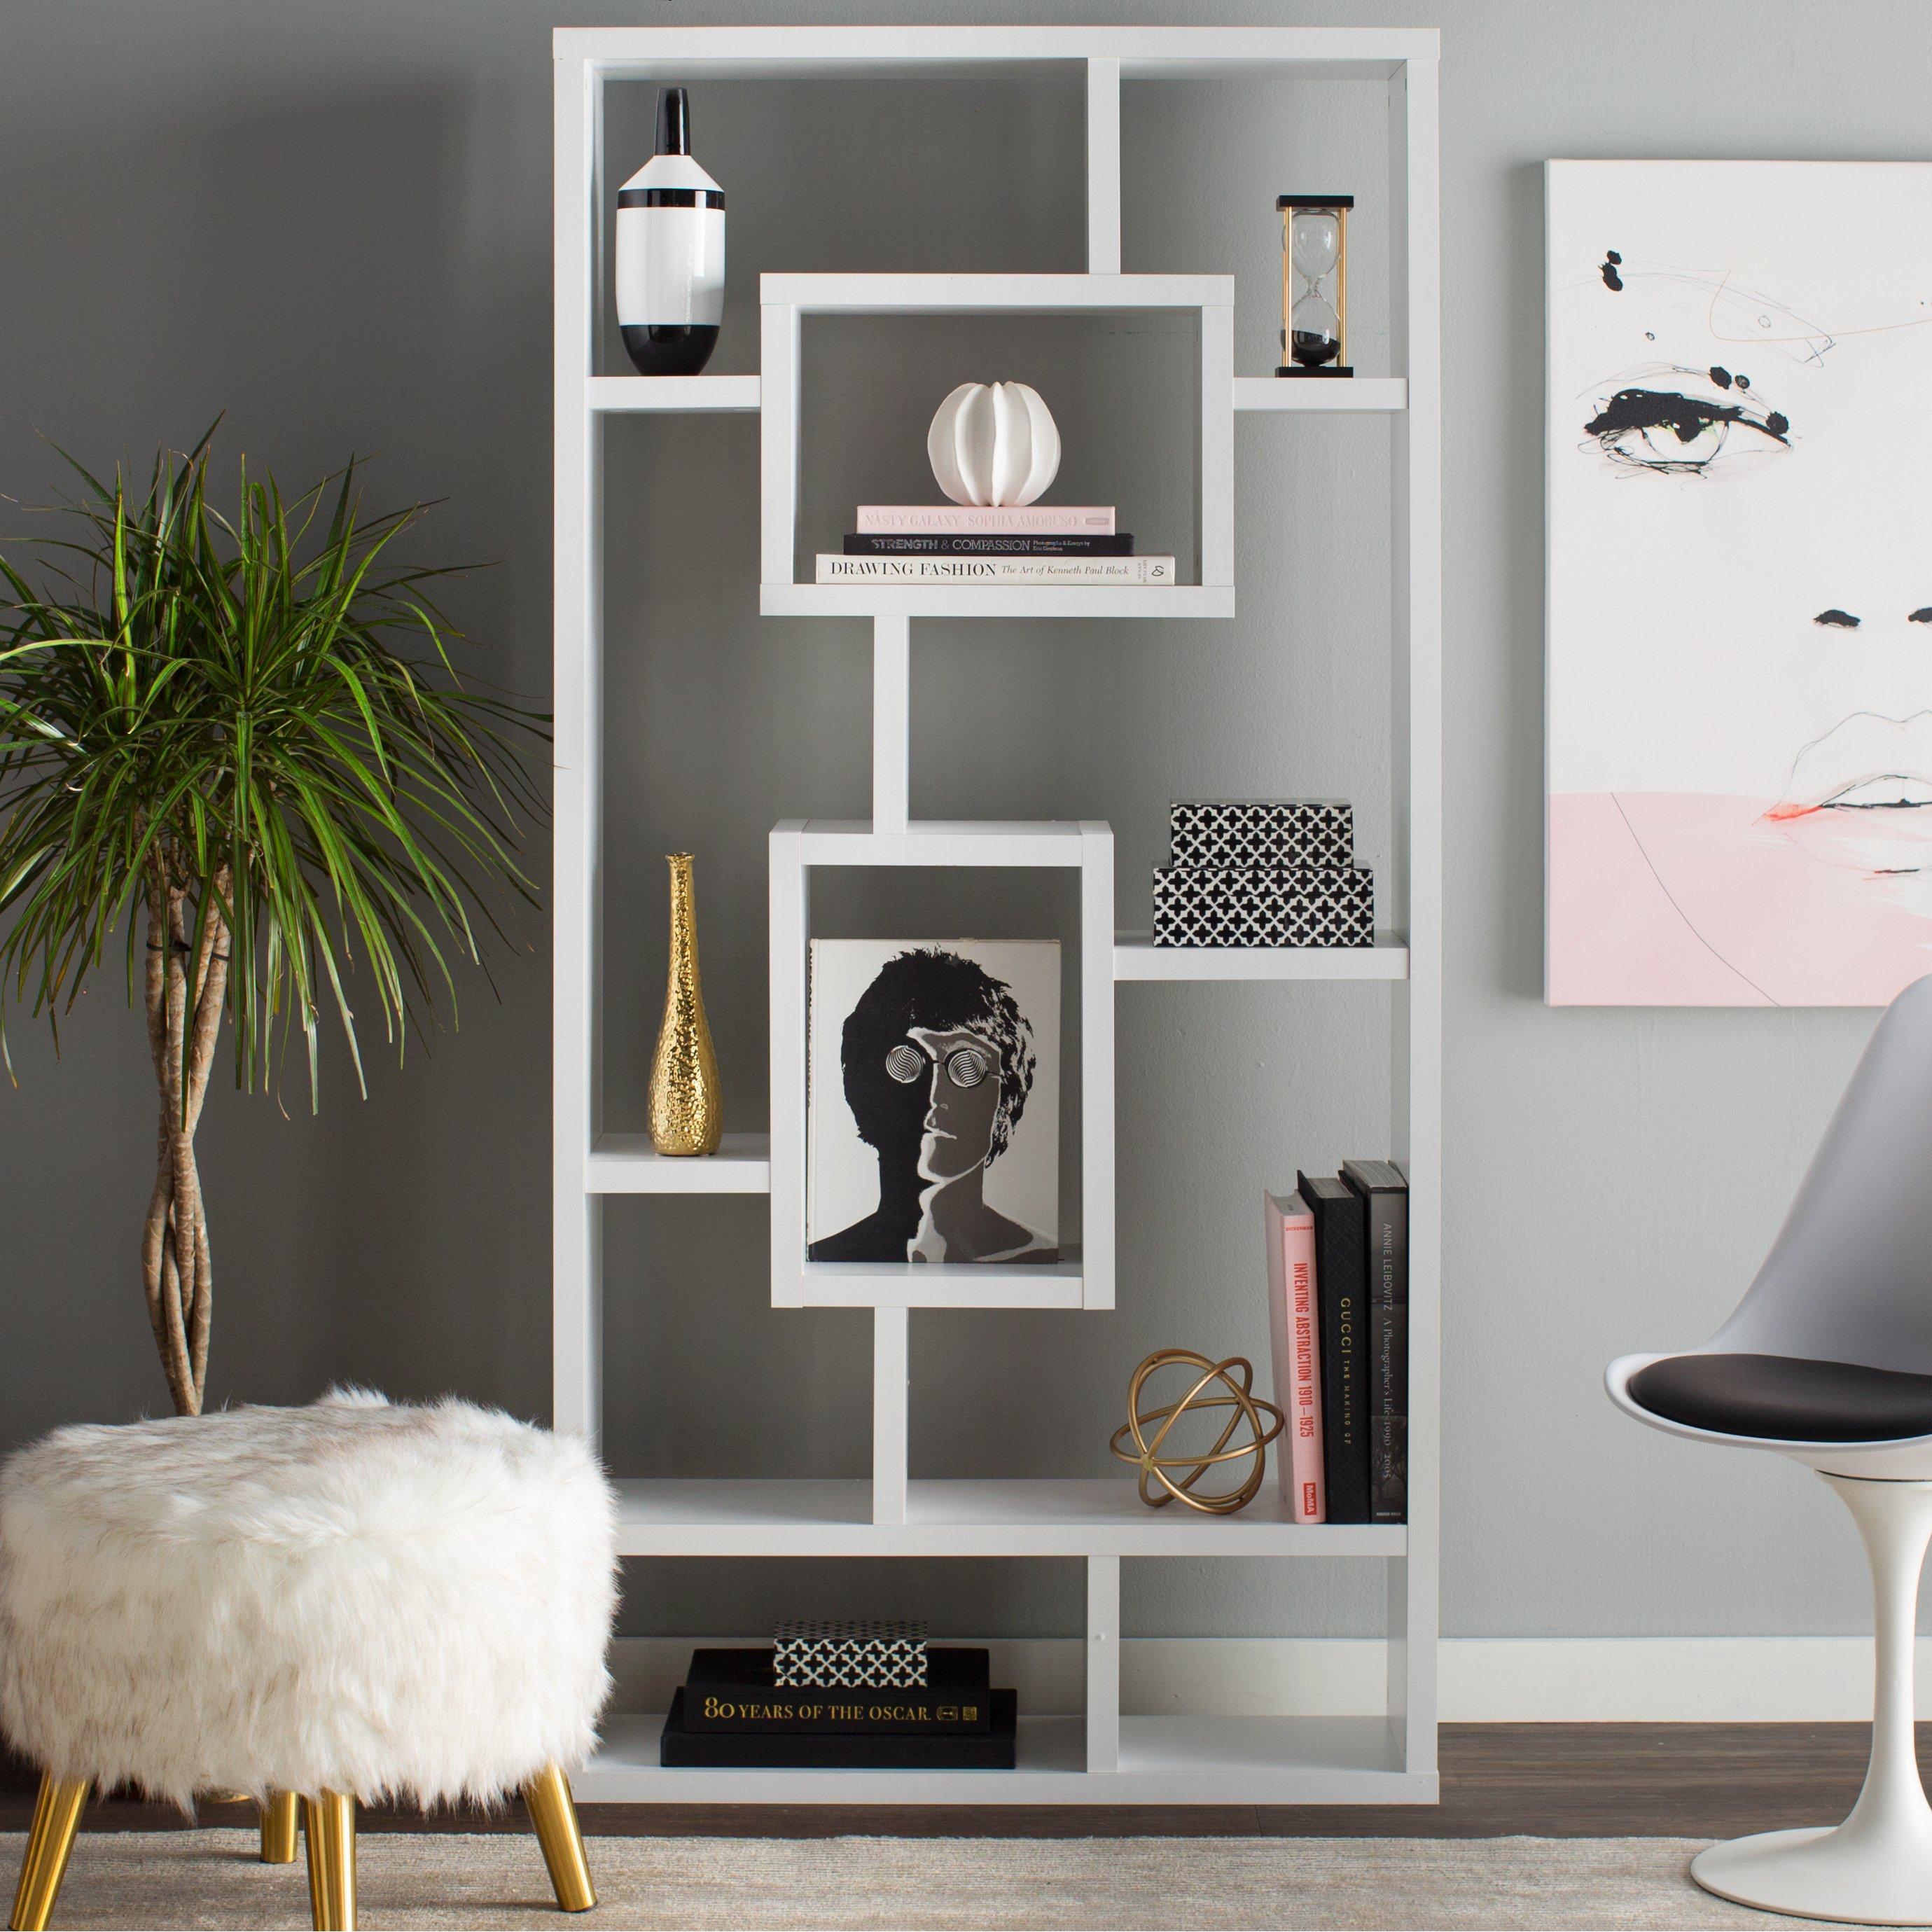 Creative Kmart Bookshelves for Book Organizer Idea: Kmart Couches | Kmart Bed Frame | Kmart Bookshelves